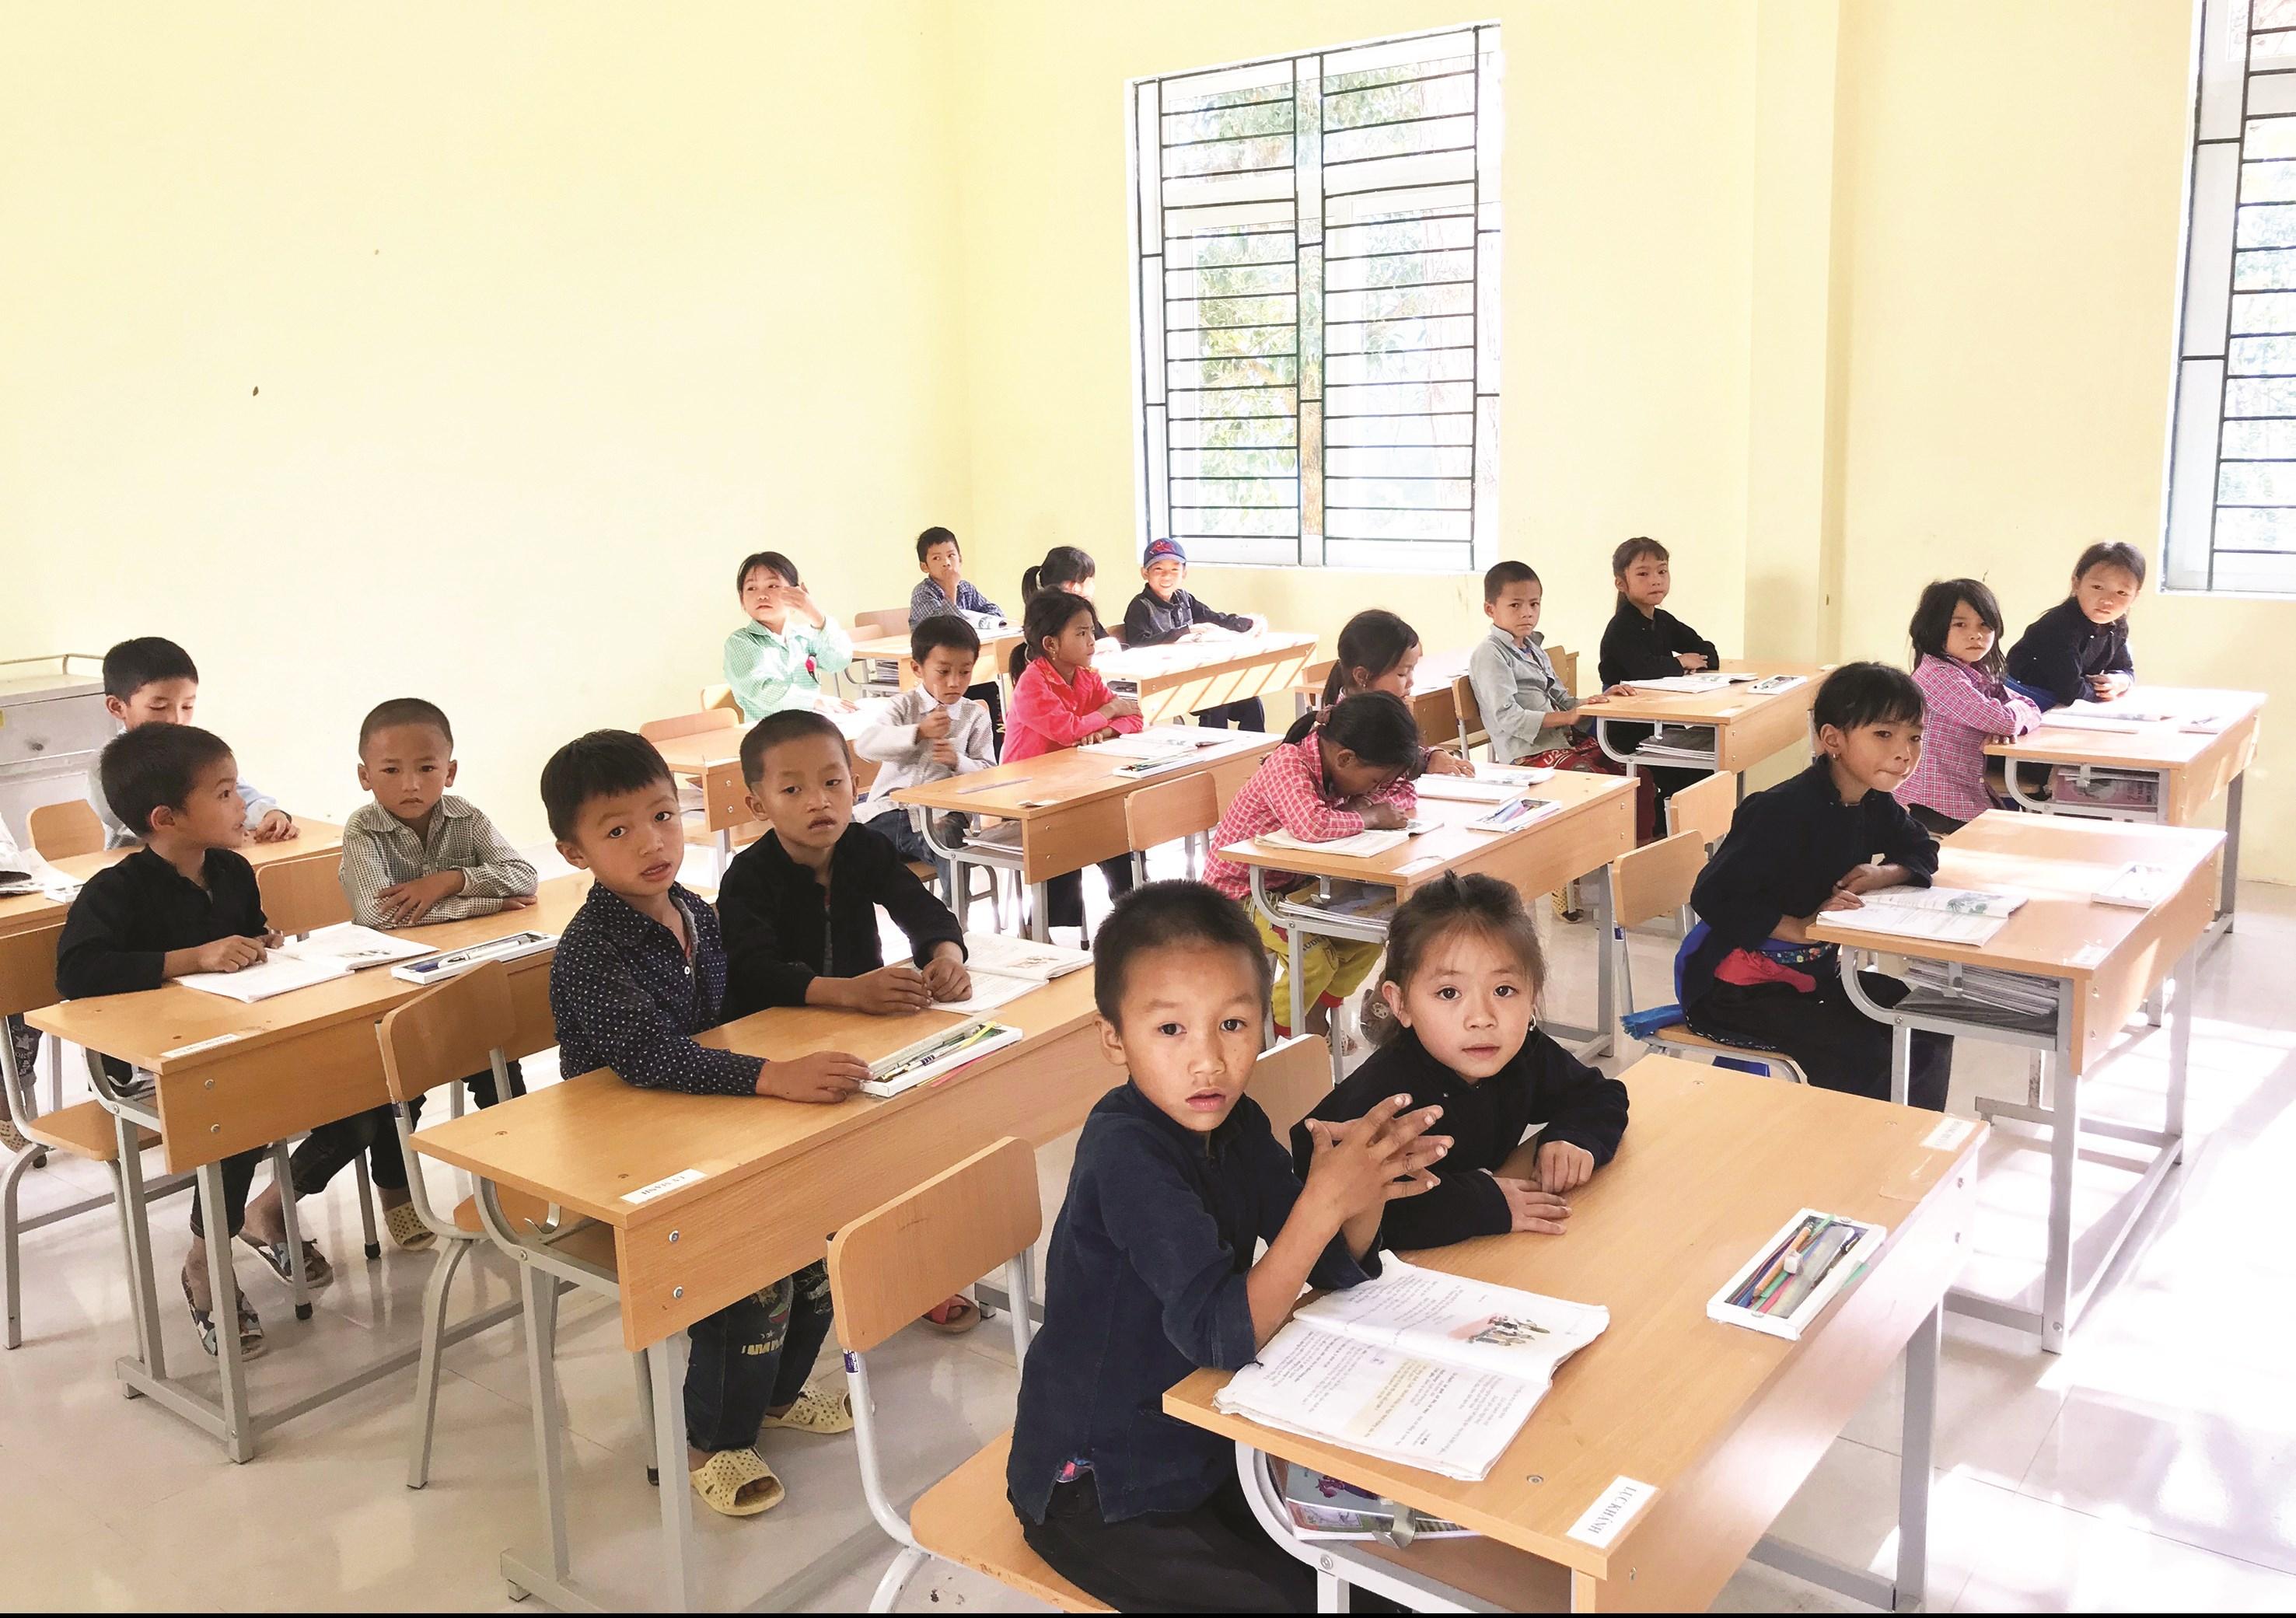 Các em học sinh DTTS Trường PTDTBT Tiểu học và THCS xã Bản Máy, huyện Hoàng Su Phì (Hà Giang) trong giờ học.